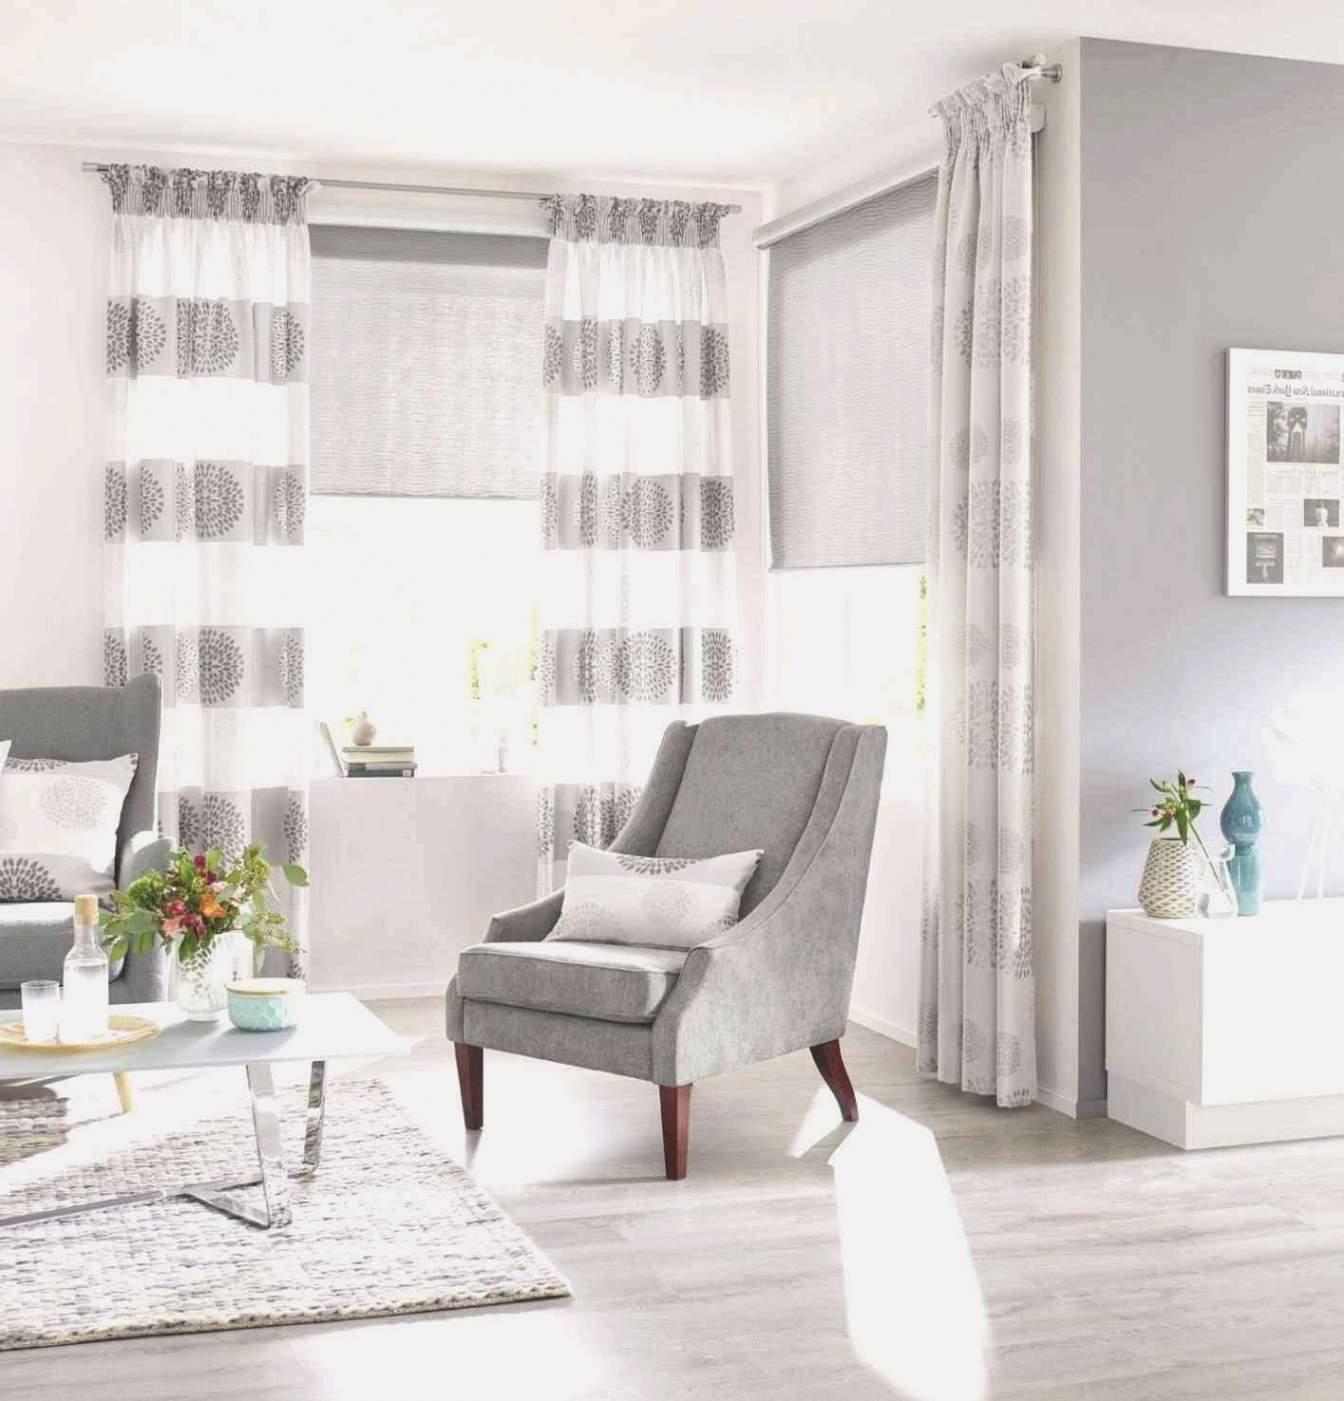 Full Size of Relaxliege Modern 37 Luxus Moderne Gardinen Wohnzimmer Inspirierend Frisch Bilder Duschen Deckenleuchte Schlafzimmer Tapete Küche Modernes Sofa Esstisch Wohnzimmer Relaxliege Modern